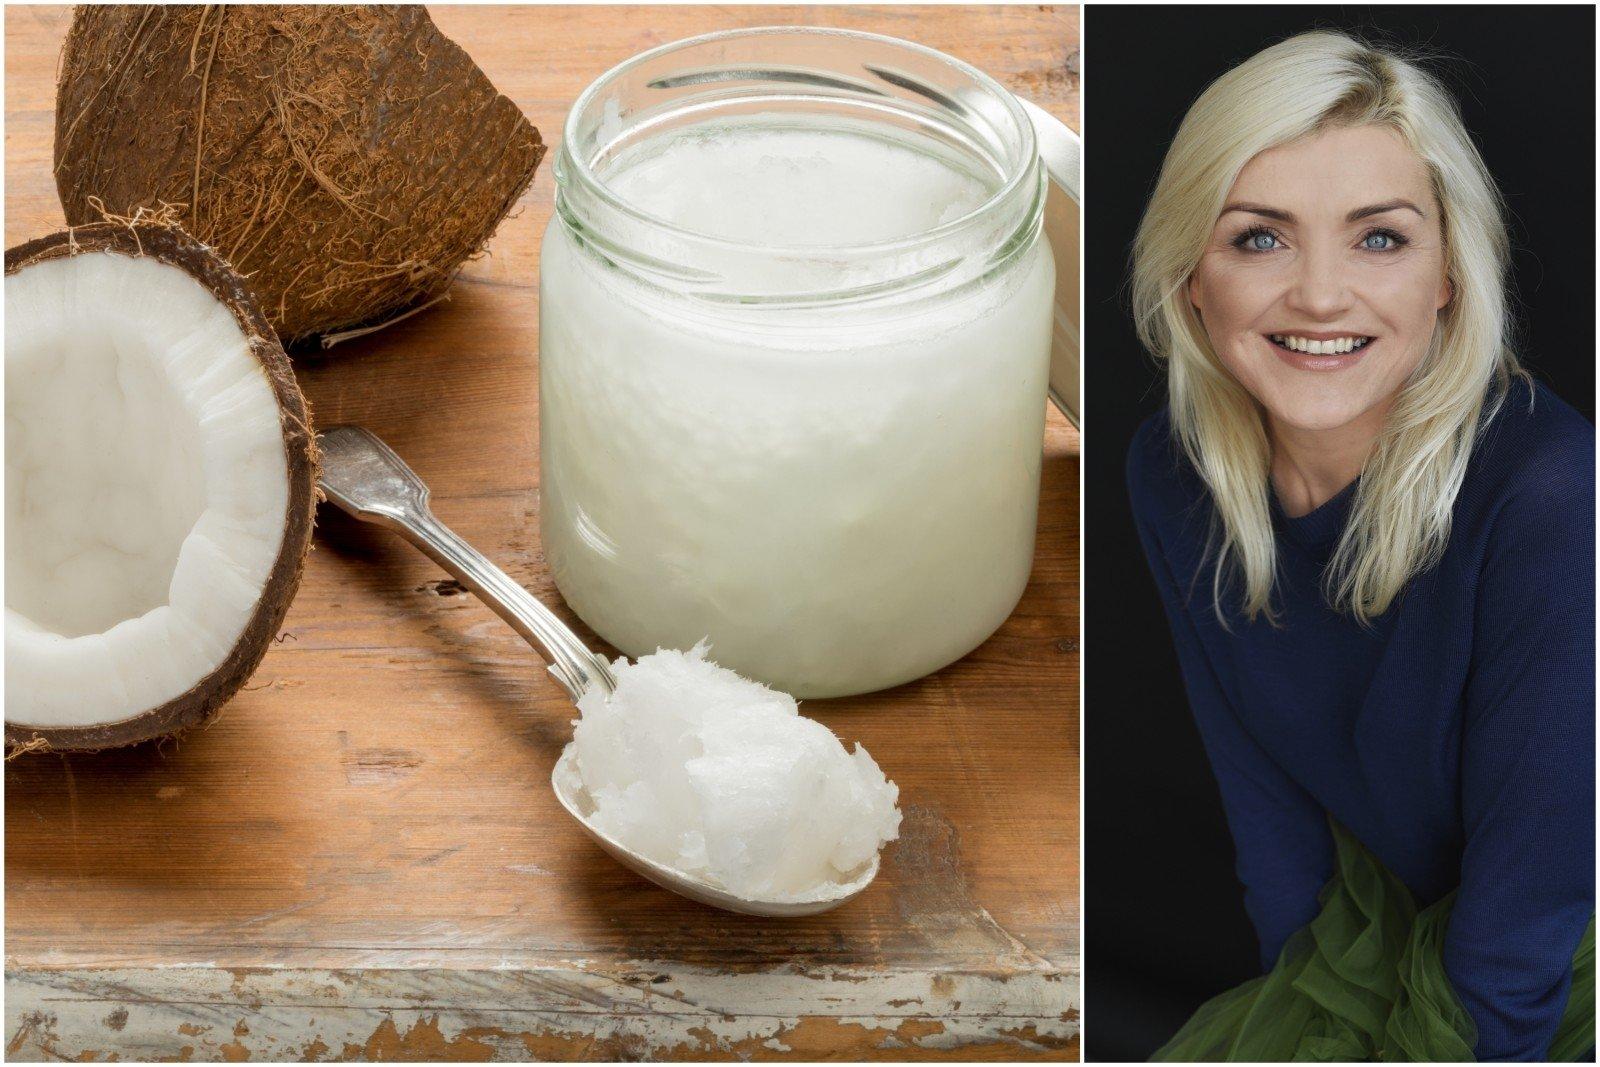 Neįtikėtina kokosų aliejaus nauda: nuo svorio metimo iki širdies stiprinimo | topfilmai.lt